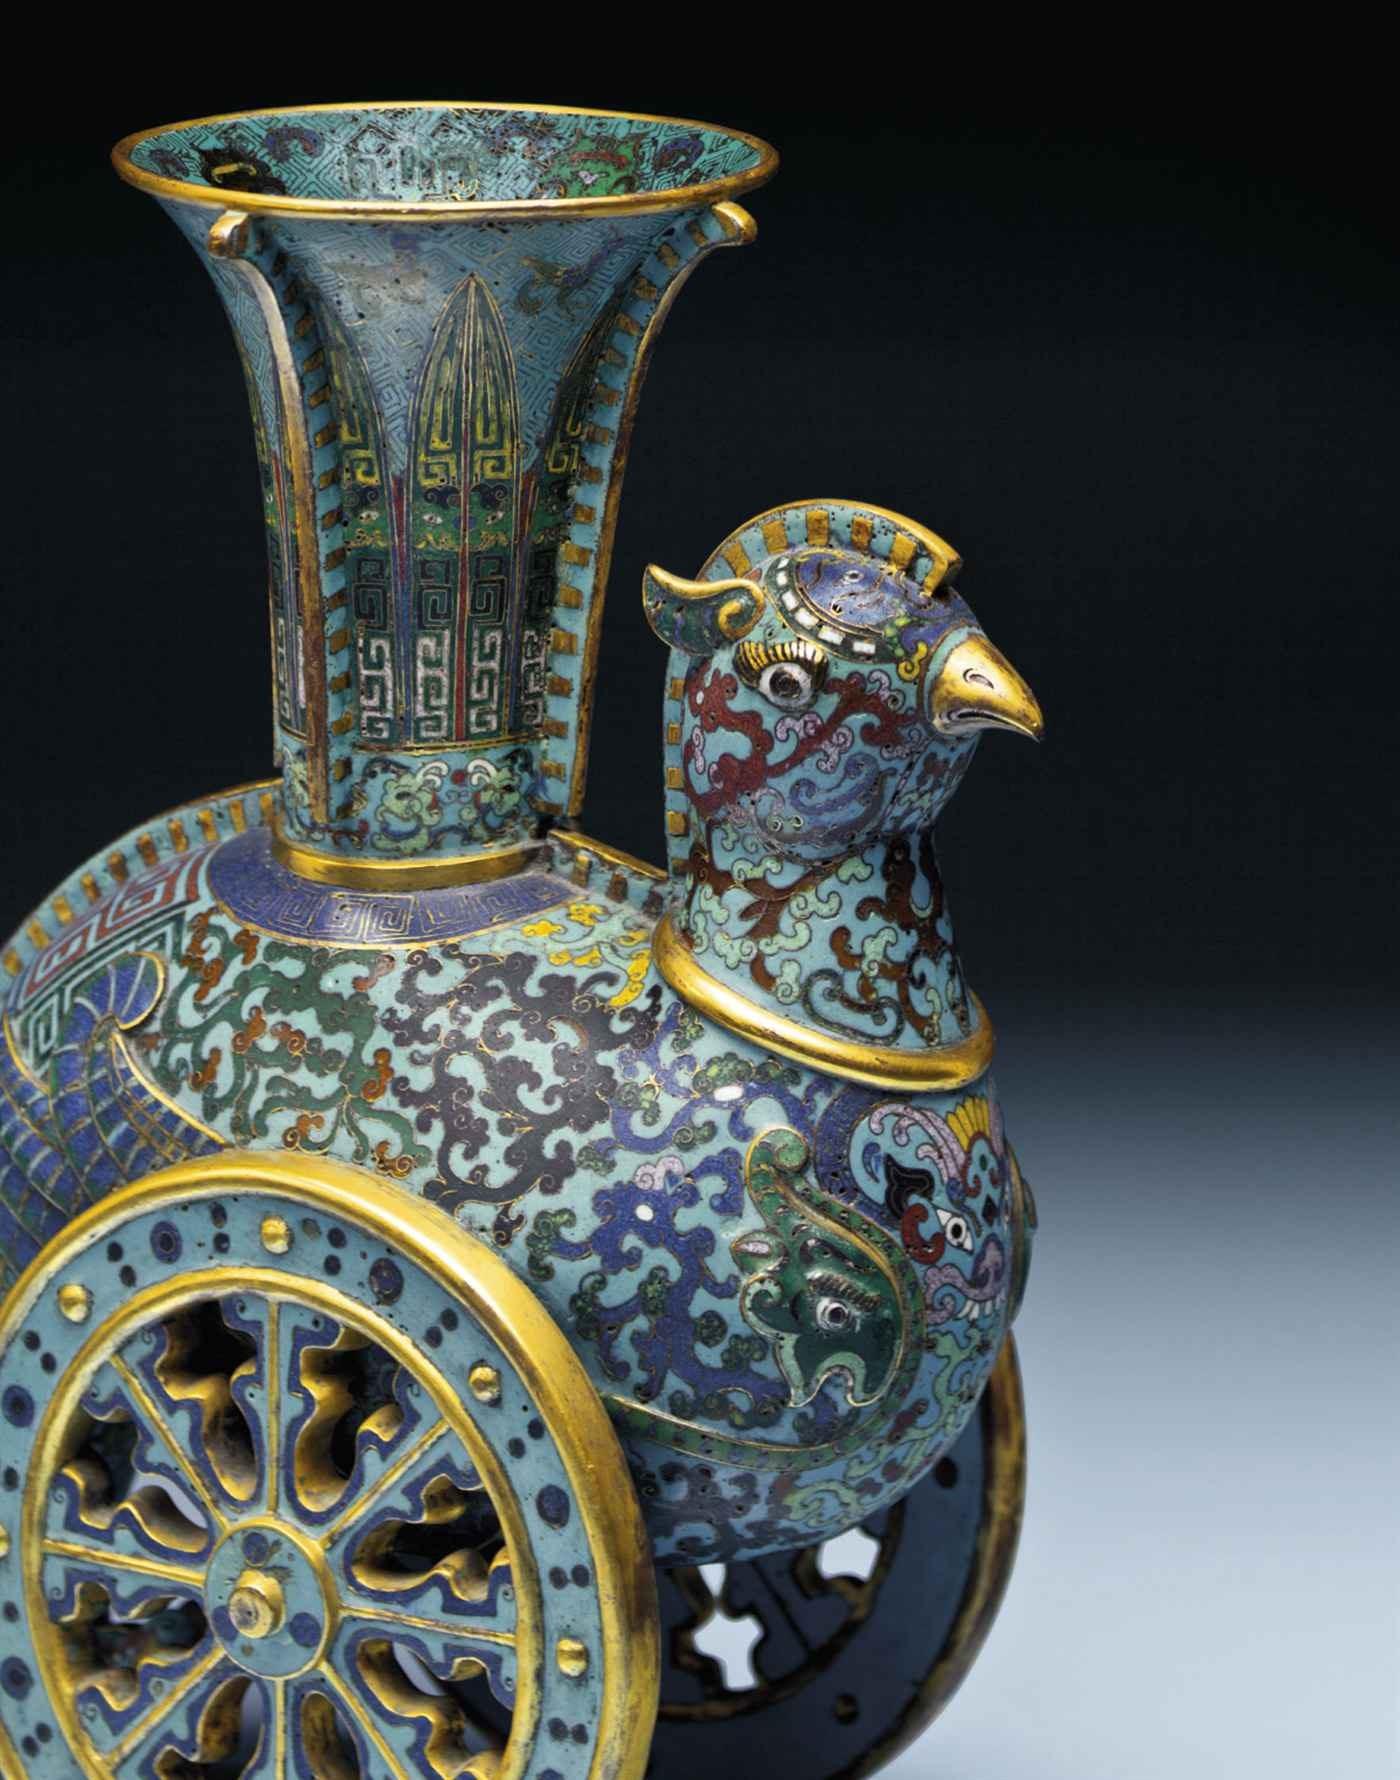 Rivers of Color: Cloisonné Ena auction at Christies